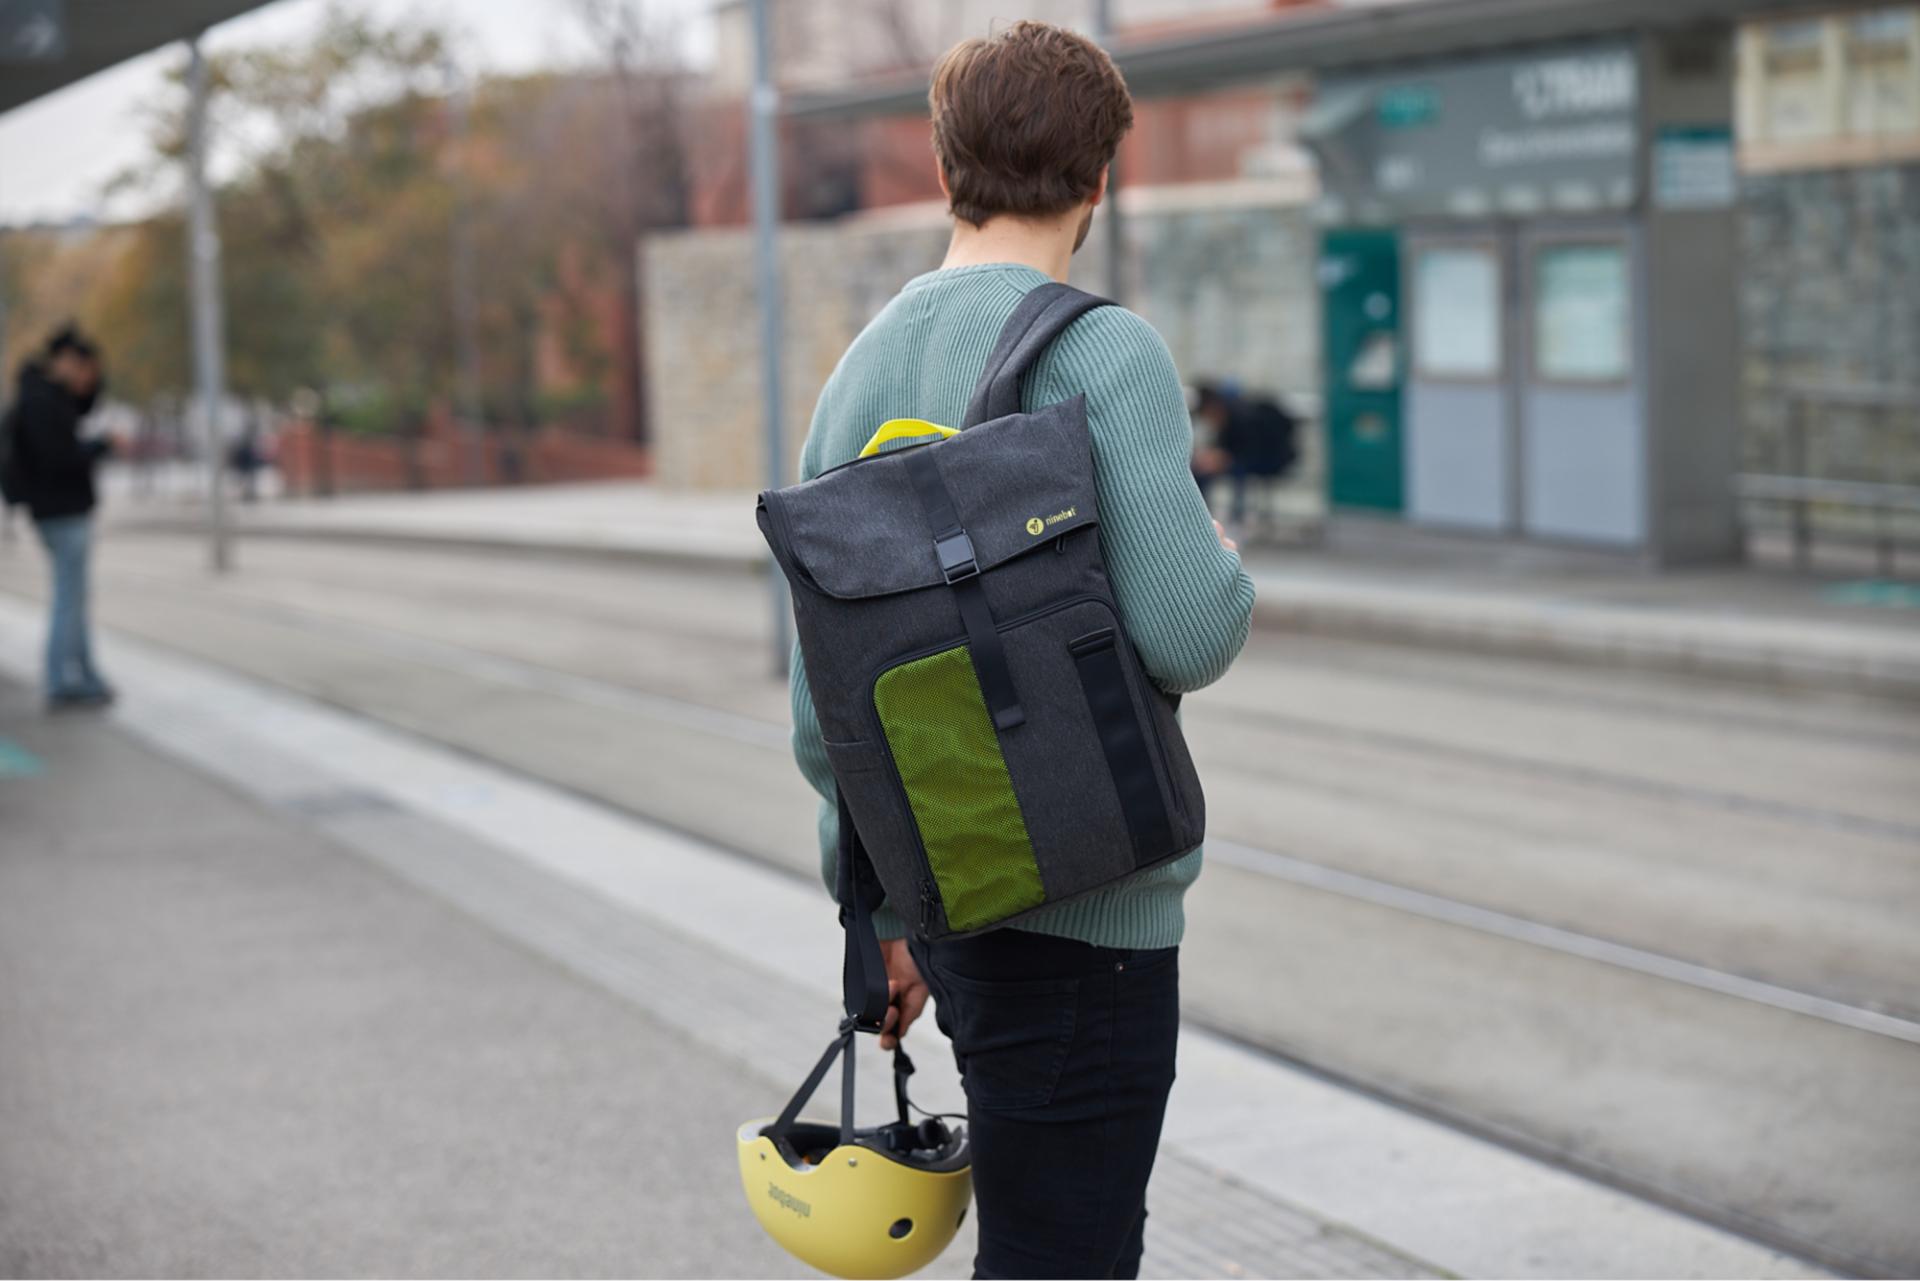 [hero] Ninebot Commuter Backpack